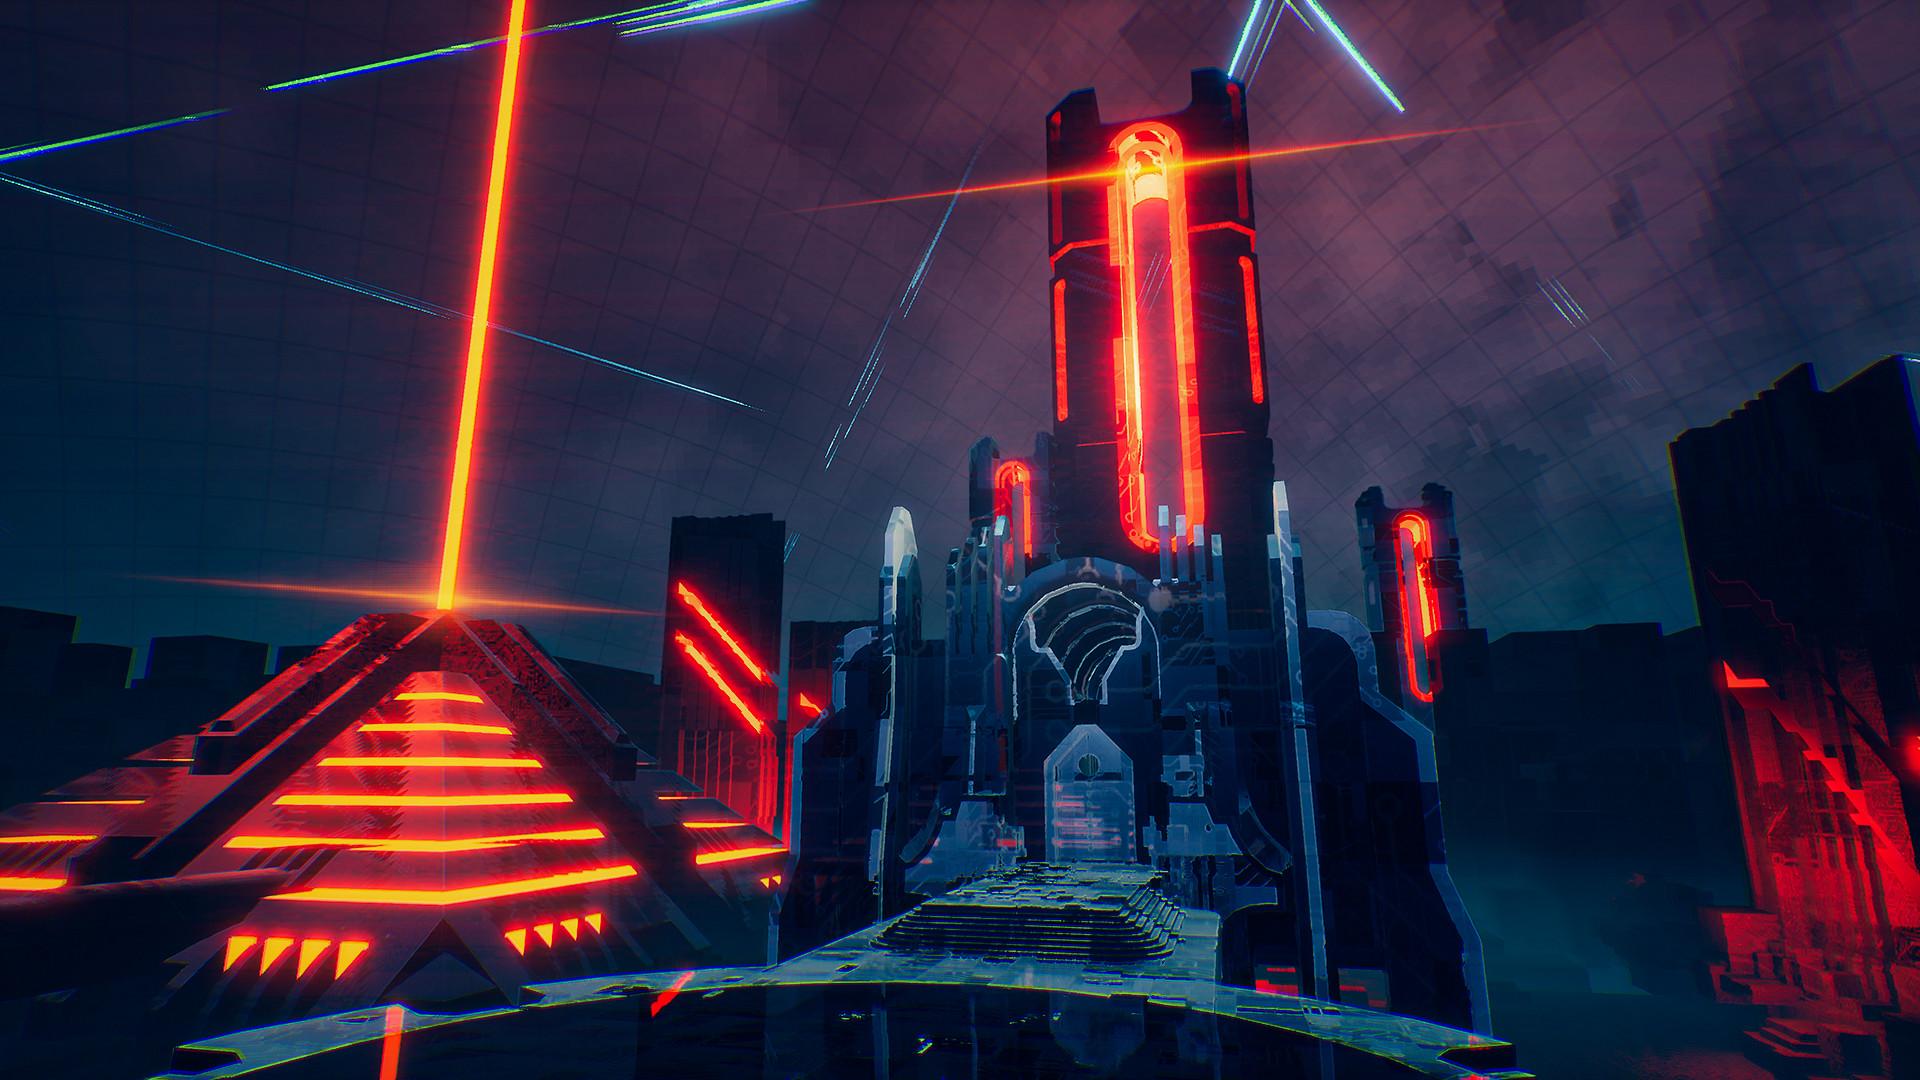 未来游戏展:赛博朋克跑酷《幽灵行者》展示实机画面